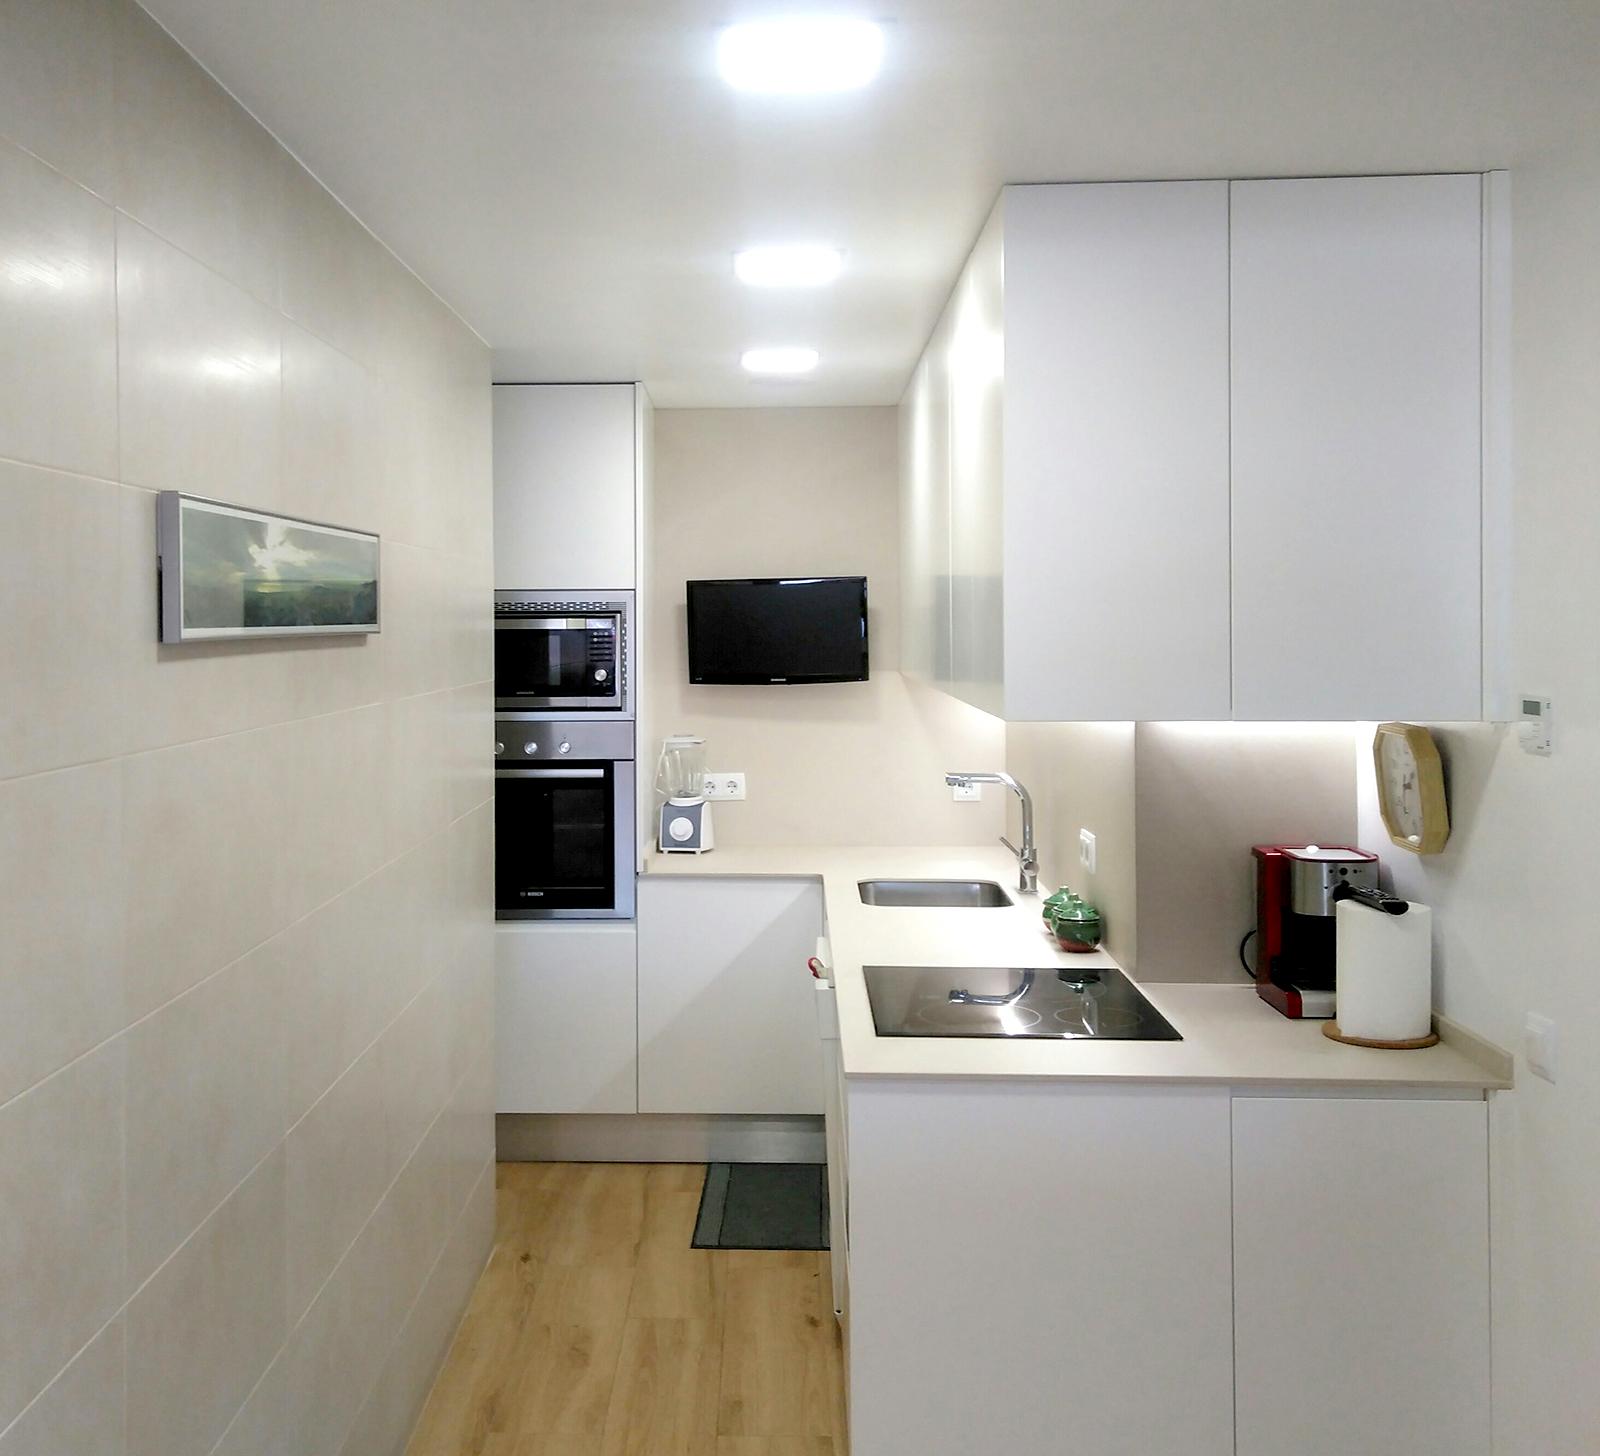 Mueble de cocina lacado blanco | MB Concept